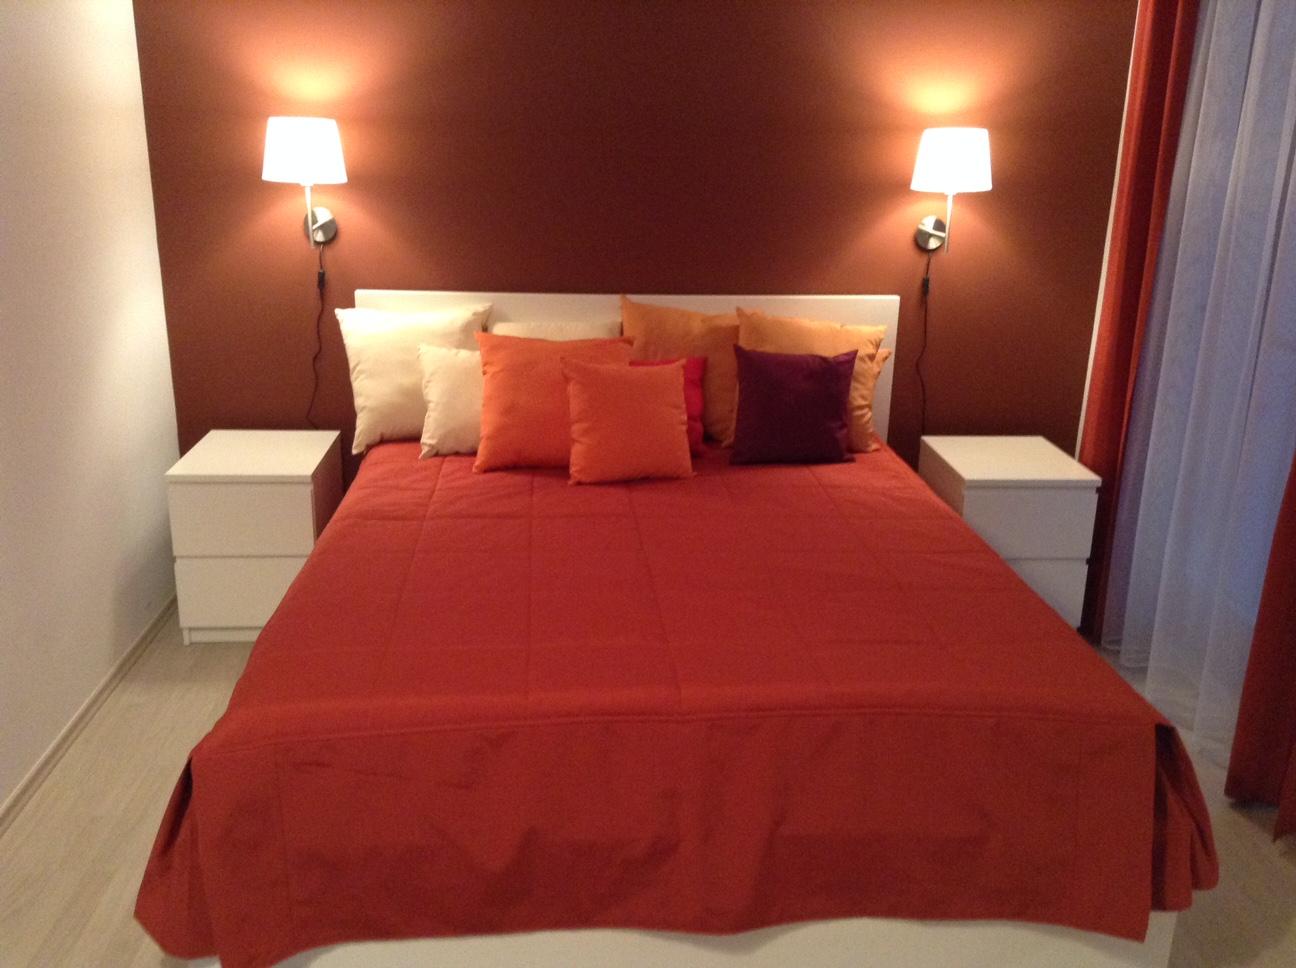 modern steppelt ágytakaró